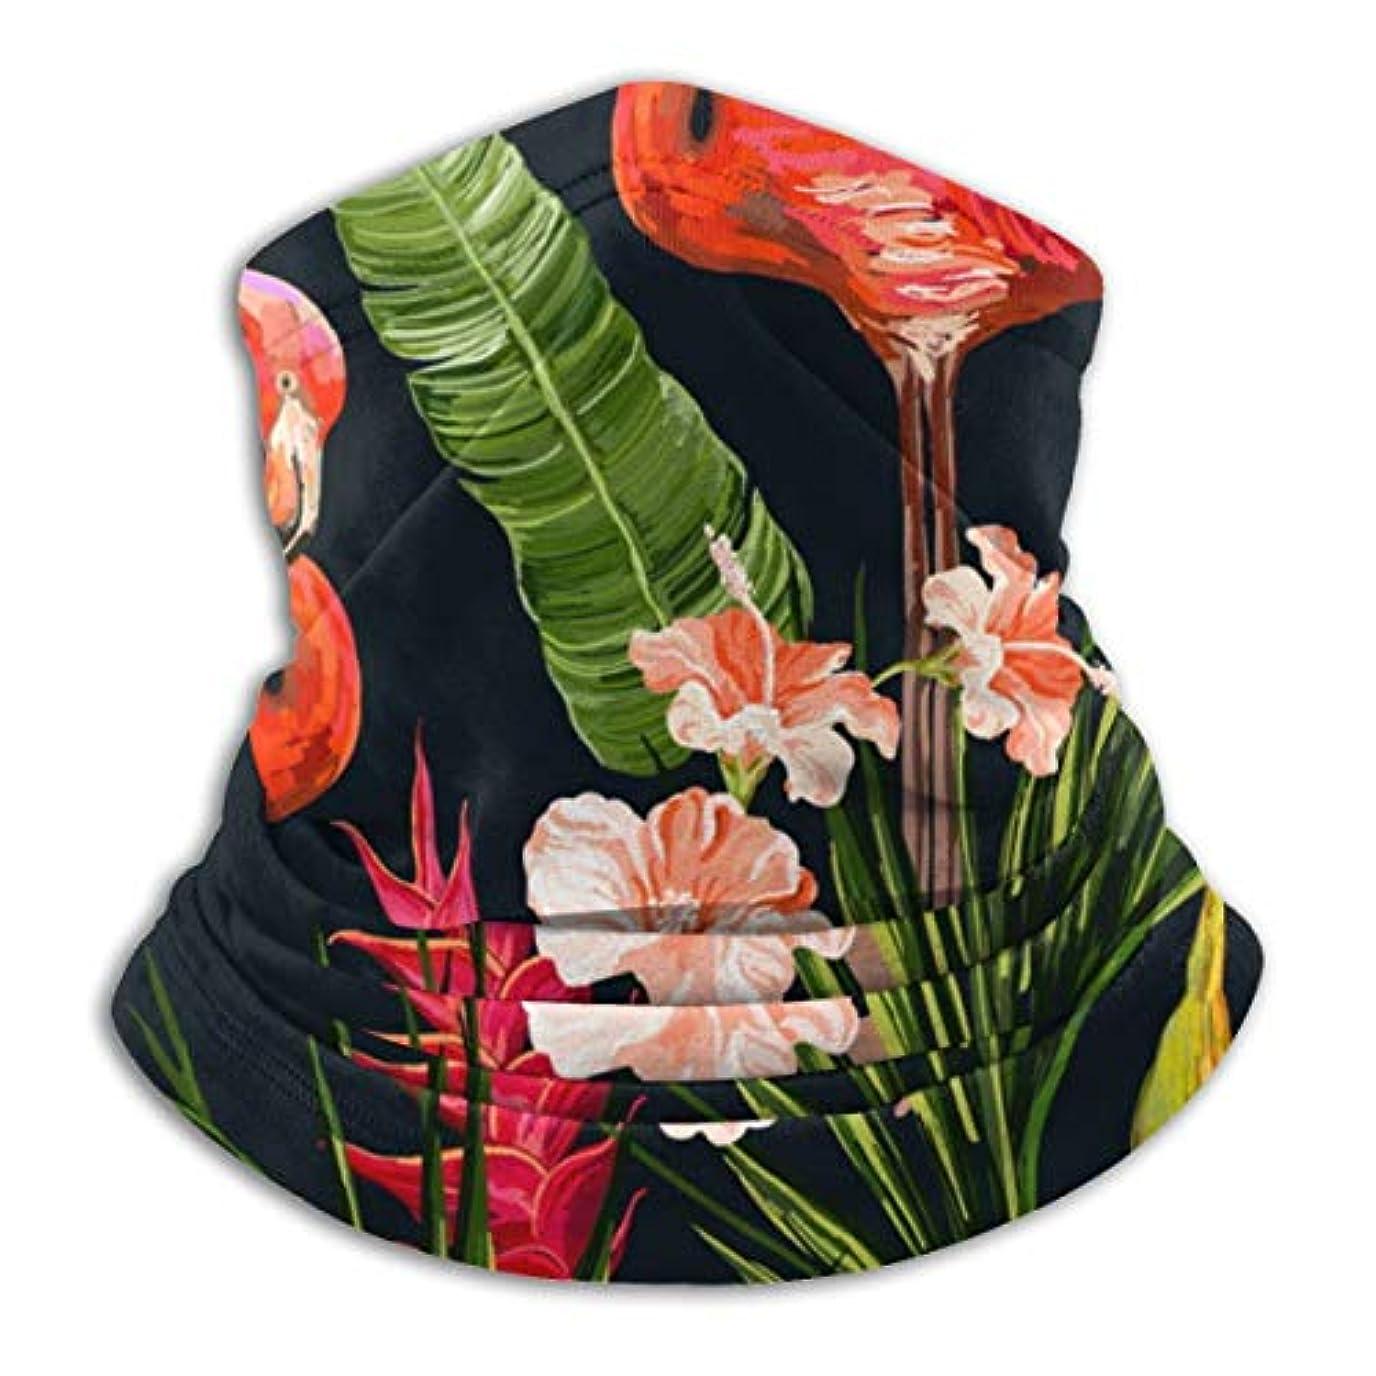 故意に通訳推測フラミンゴパターンを残します コーン ネックウォーマー マフラー 防寒防風 多機能 軽量 帽子 ヘッドバンド ネック ゲーター 男女兼用